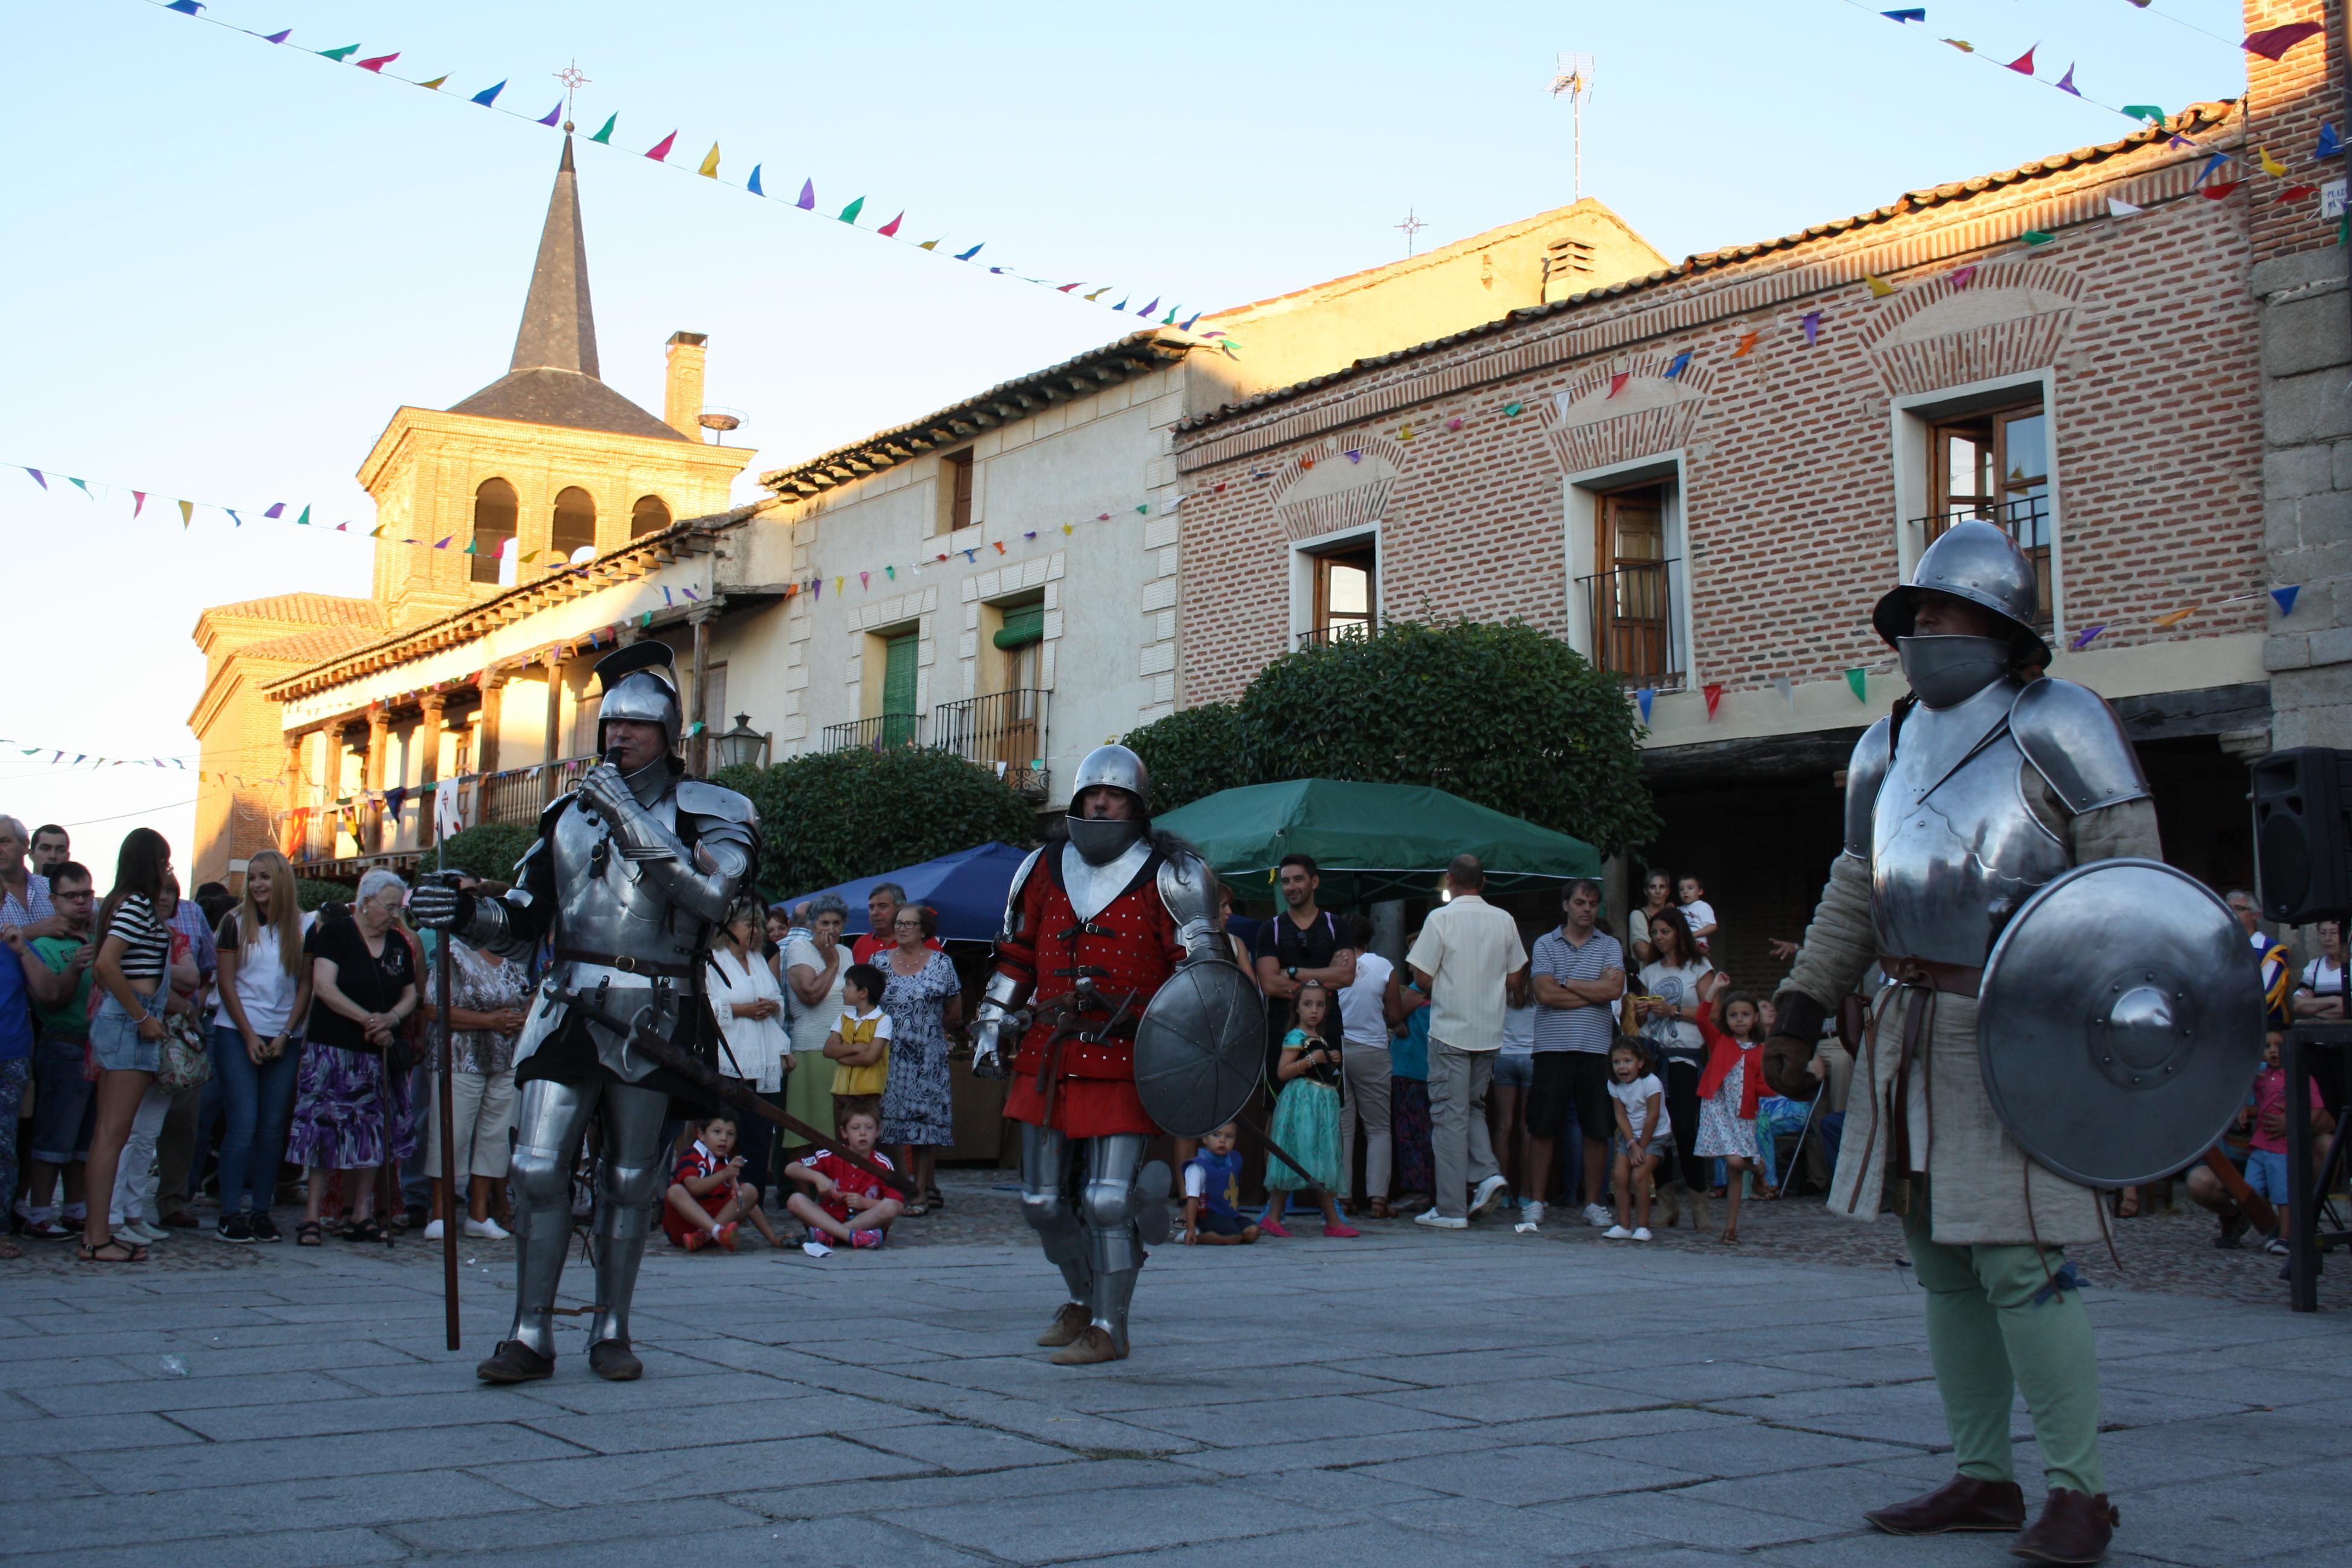 VI Mercado renacentista de Martín Muñoz de las Posadas ZehHw4